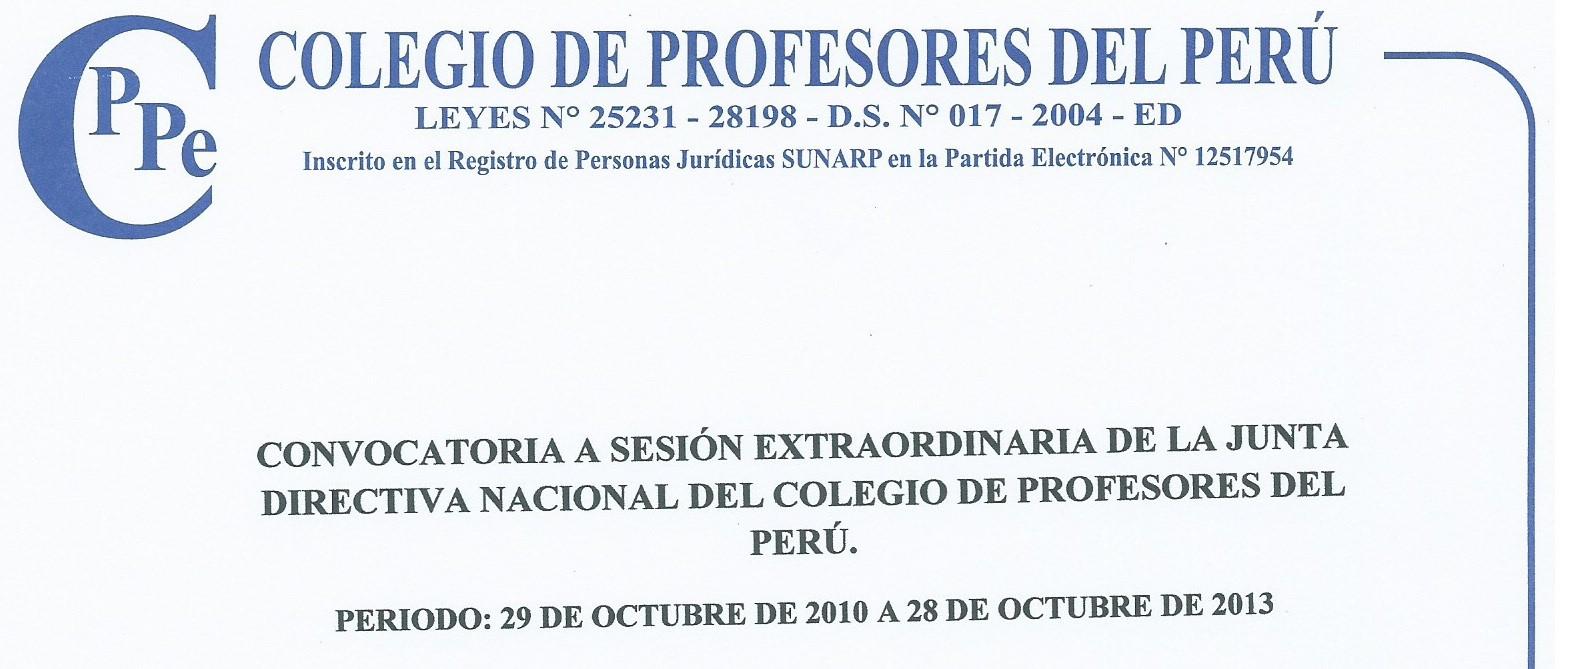 Convocatoria a Sesión Extraordinaria de la ex Junta Directiva Nacional